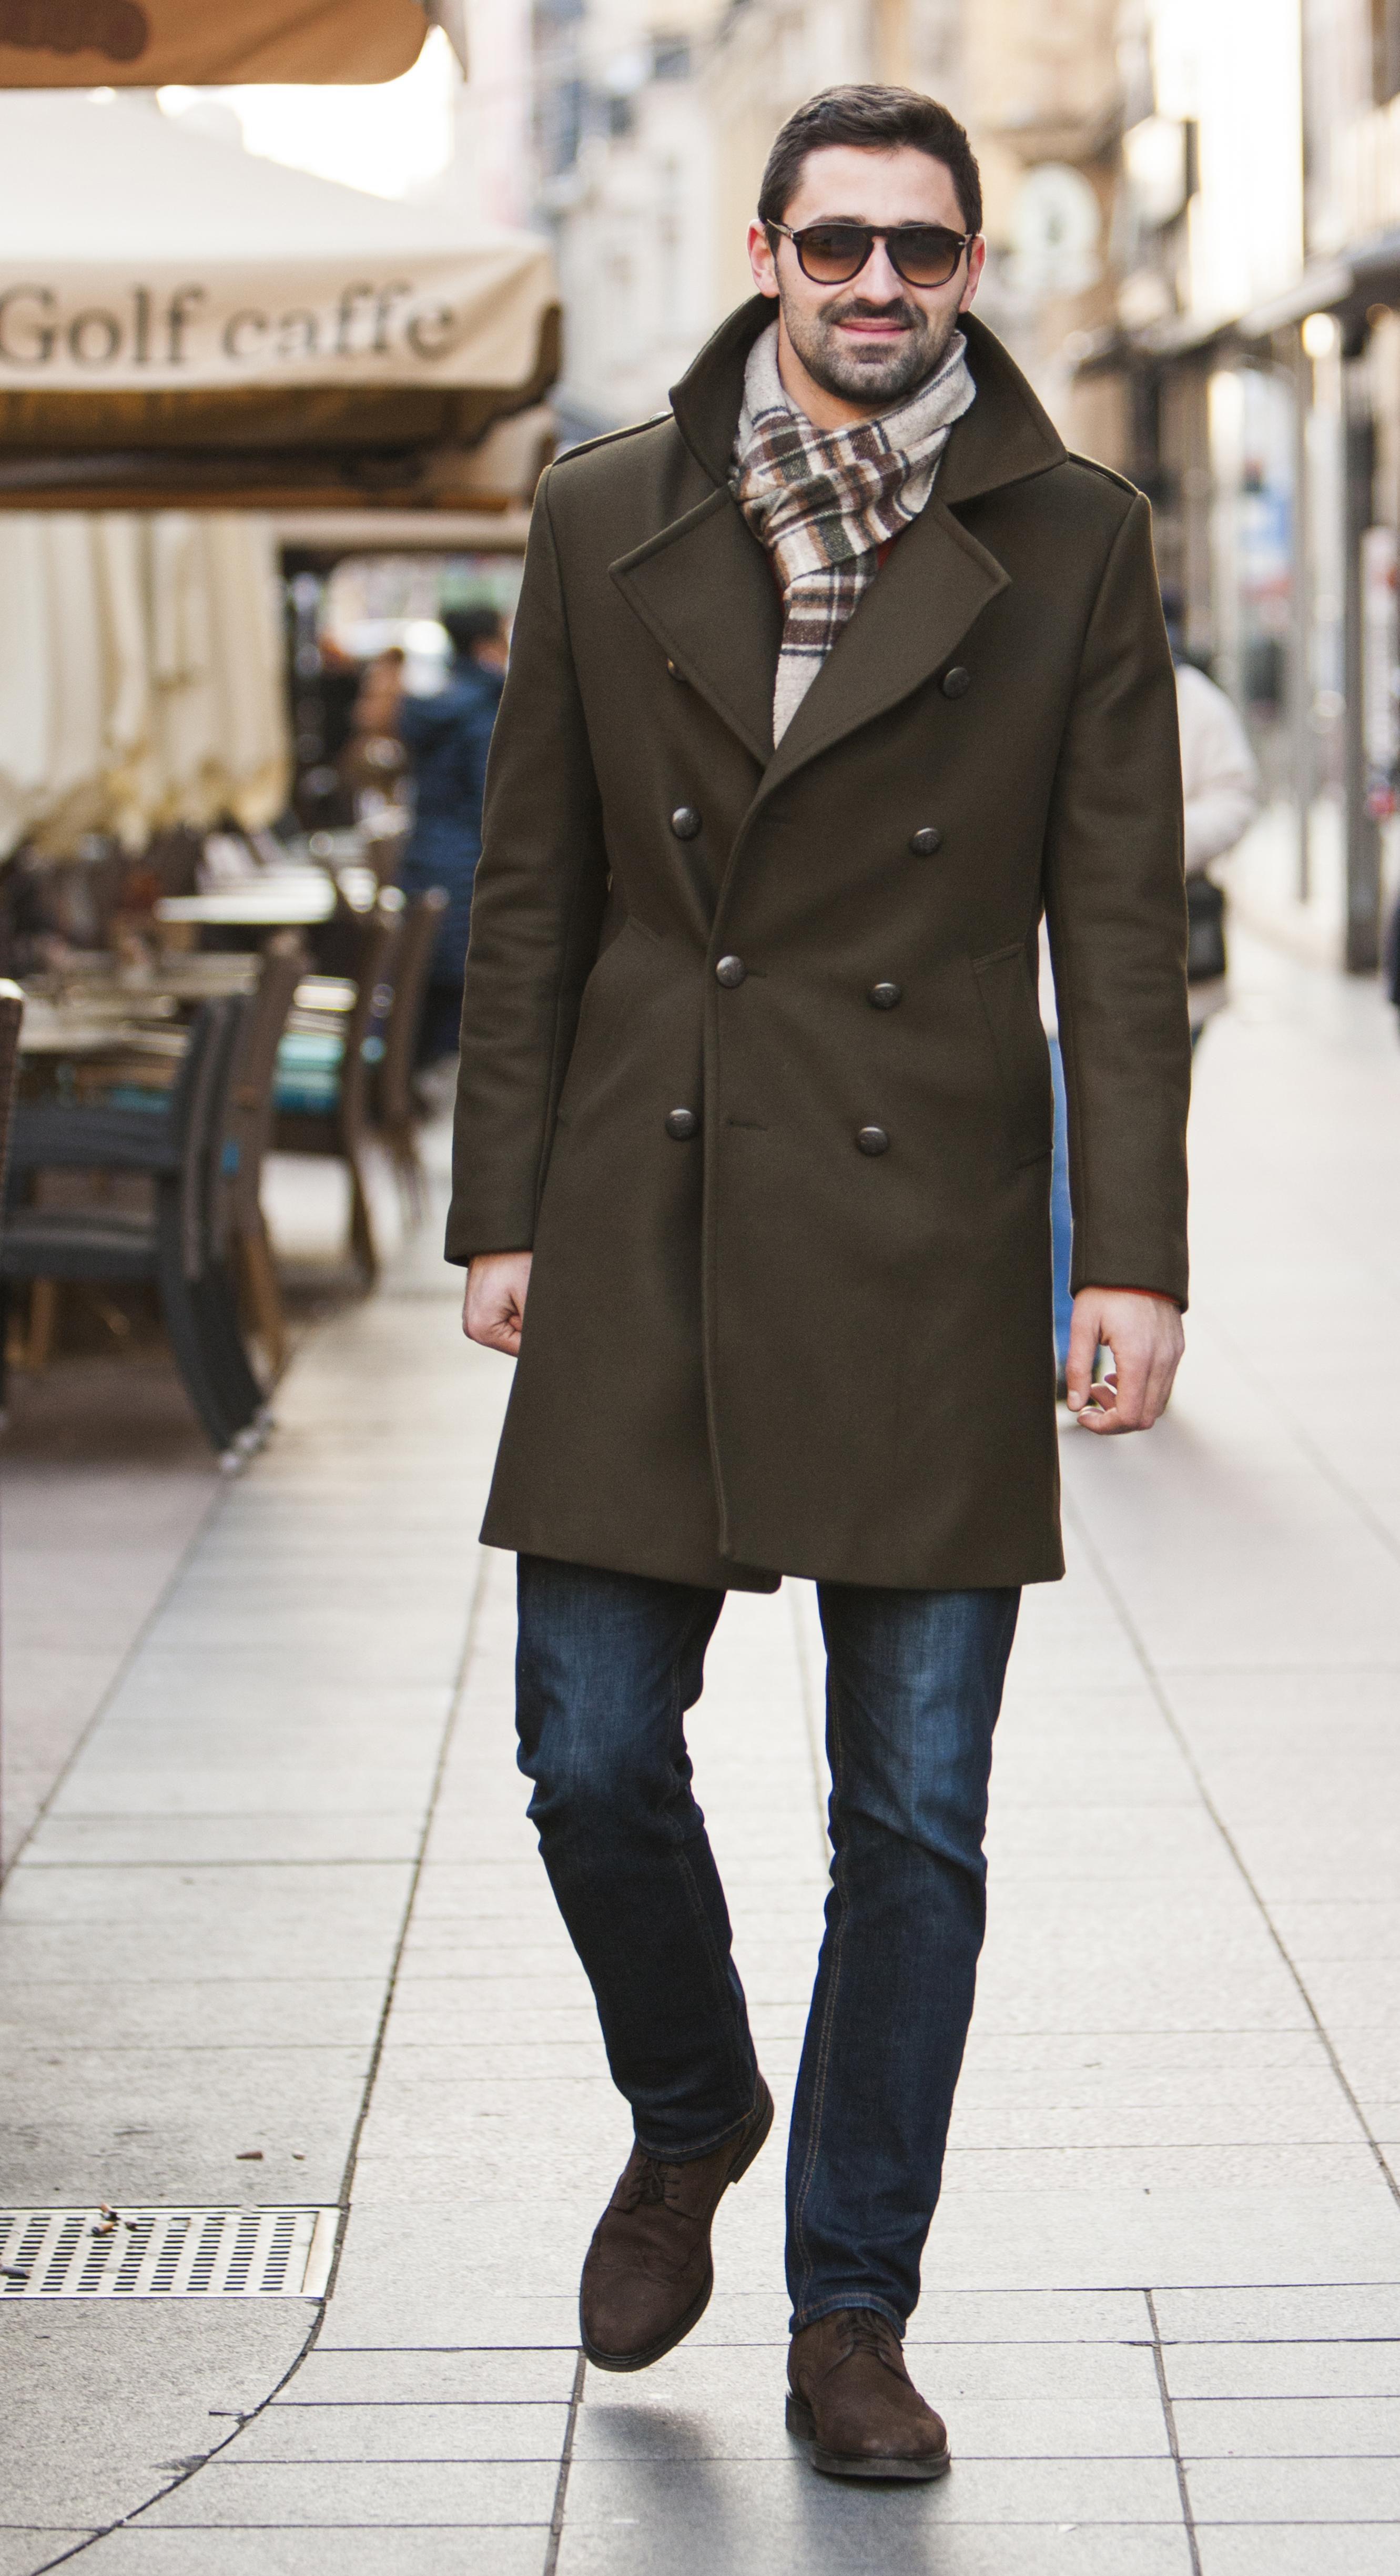 Ono kad muškarac jednostavno zna... Kombinacija dostojna ulica modnih metropola